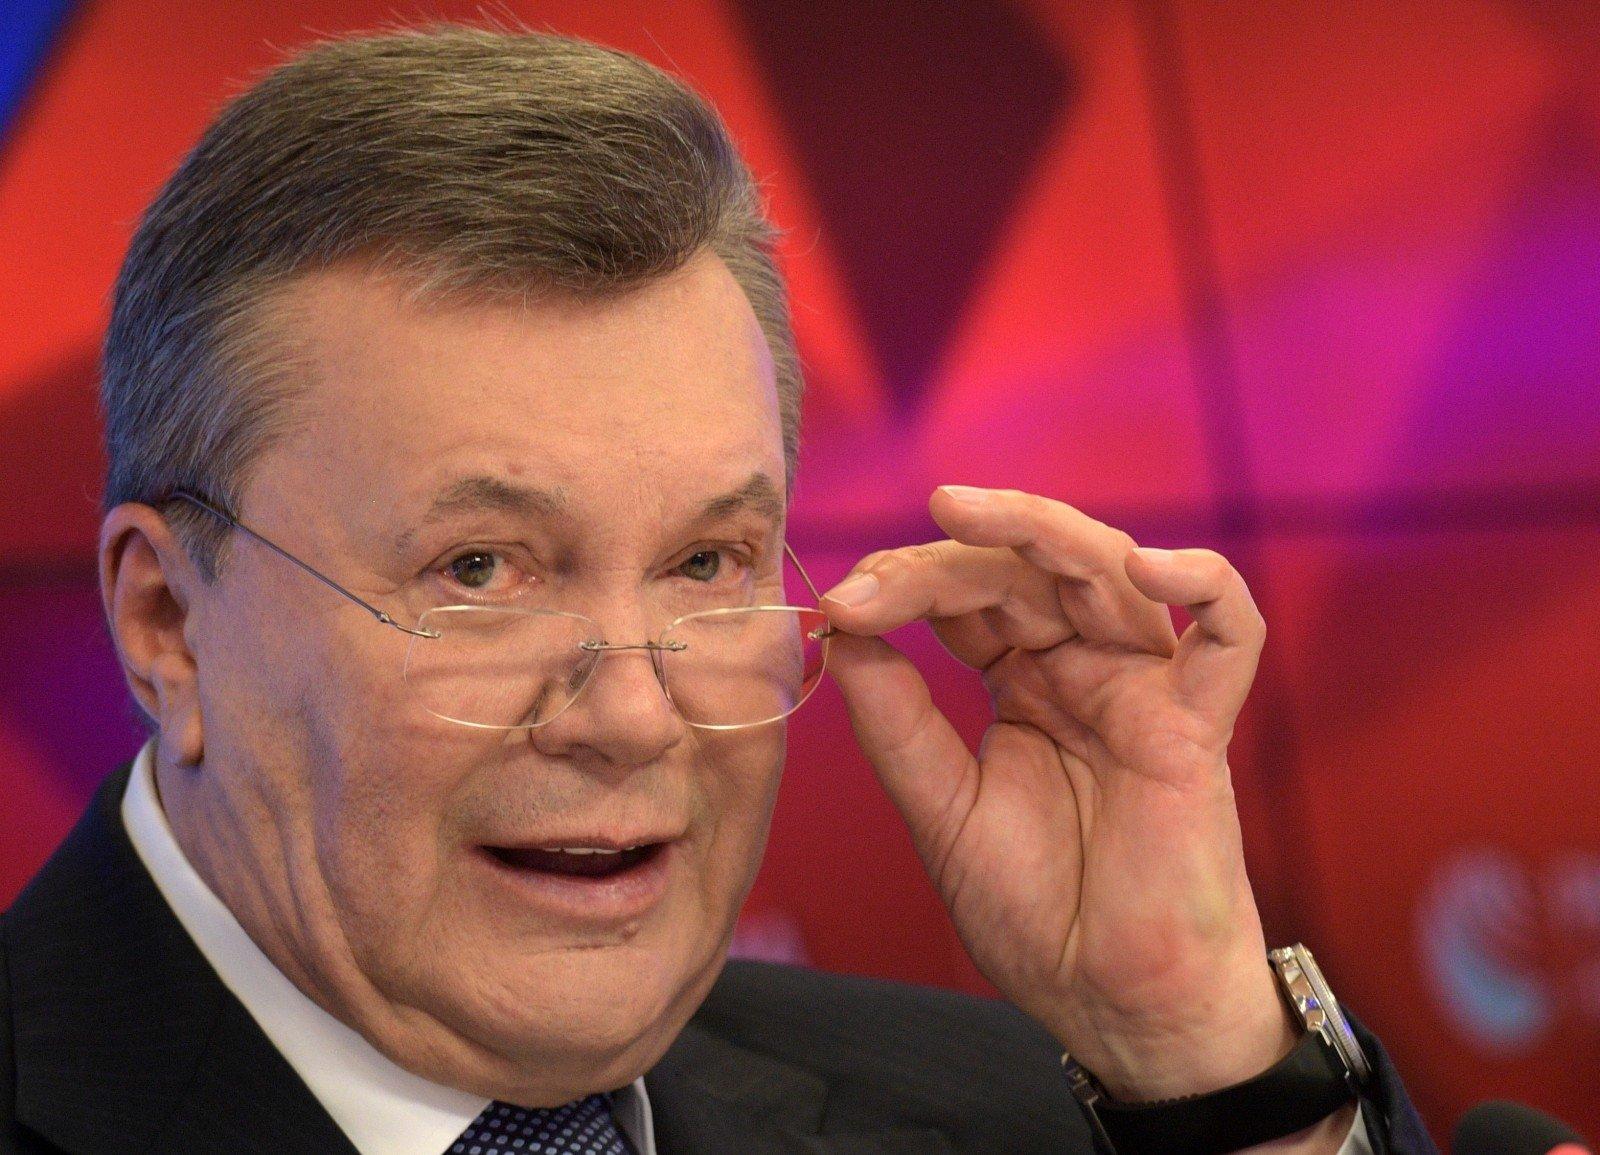 Янукович мог получать деньги через счет Swedbank вЛитве